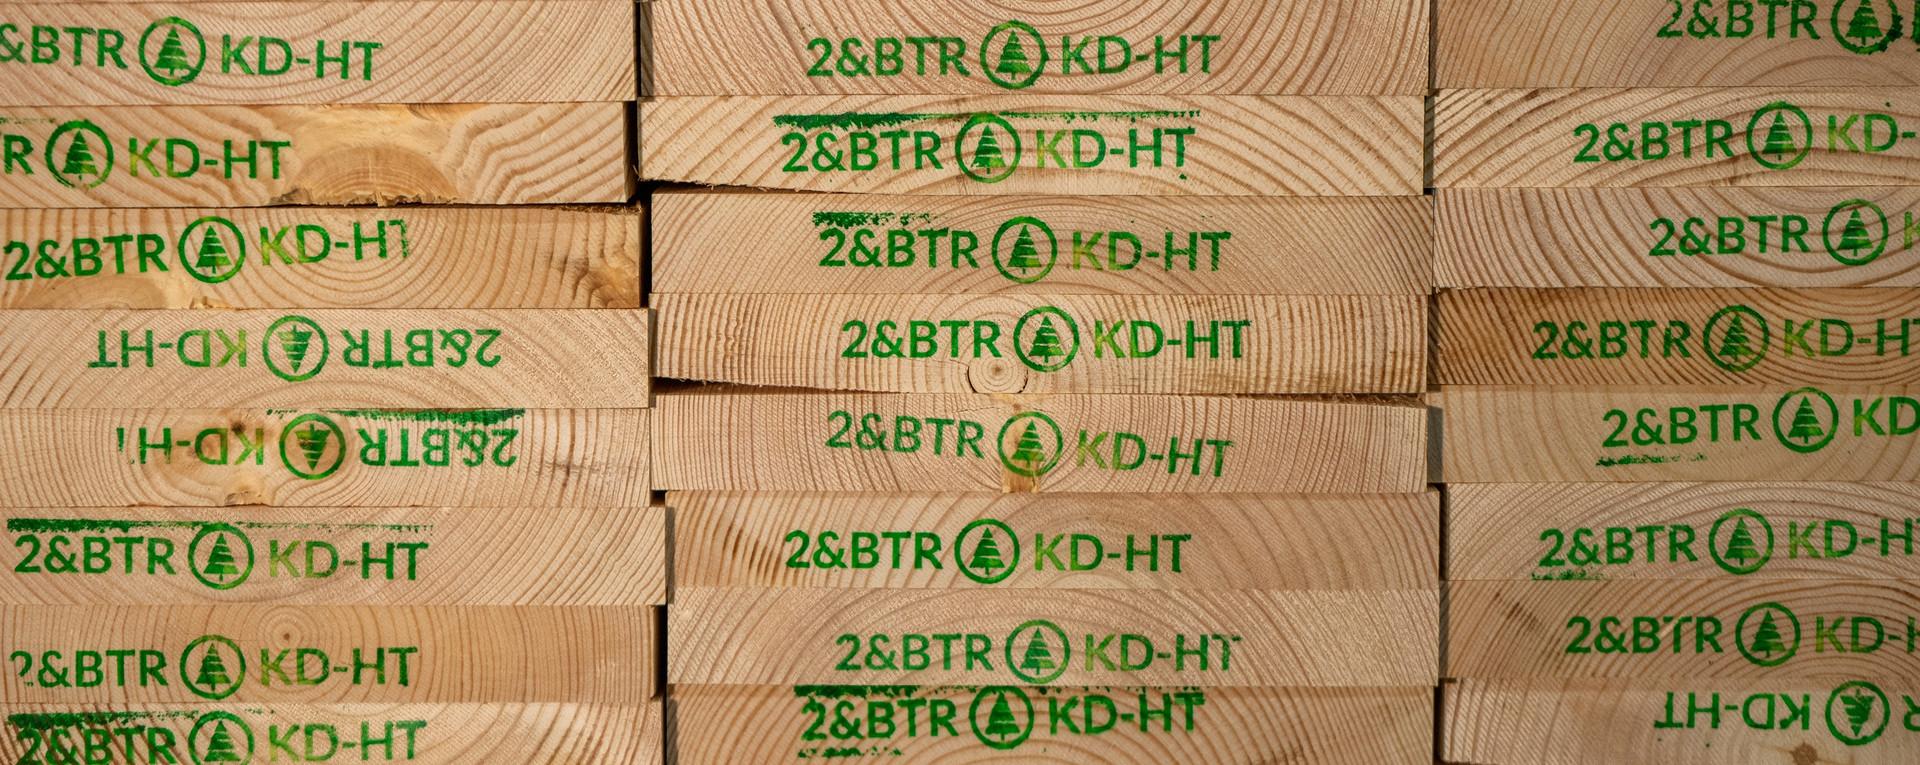 Premium Scots Pine